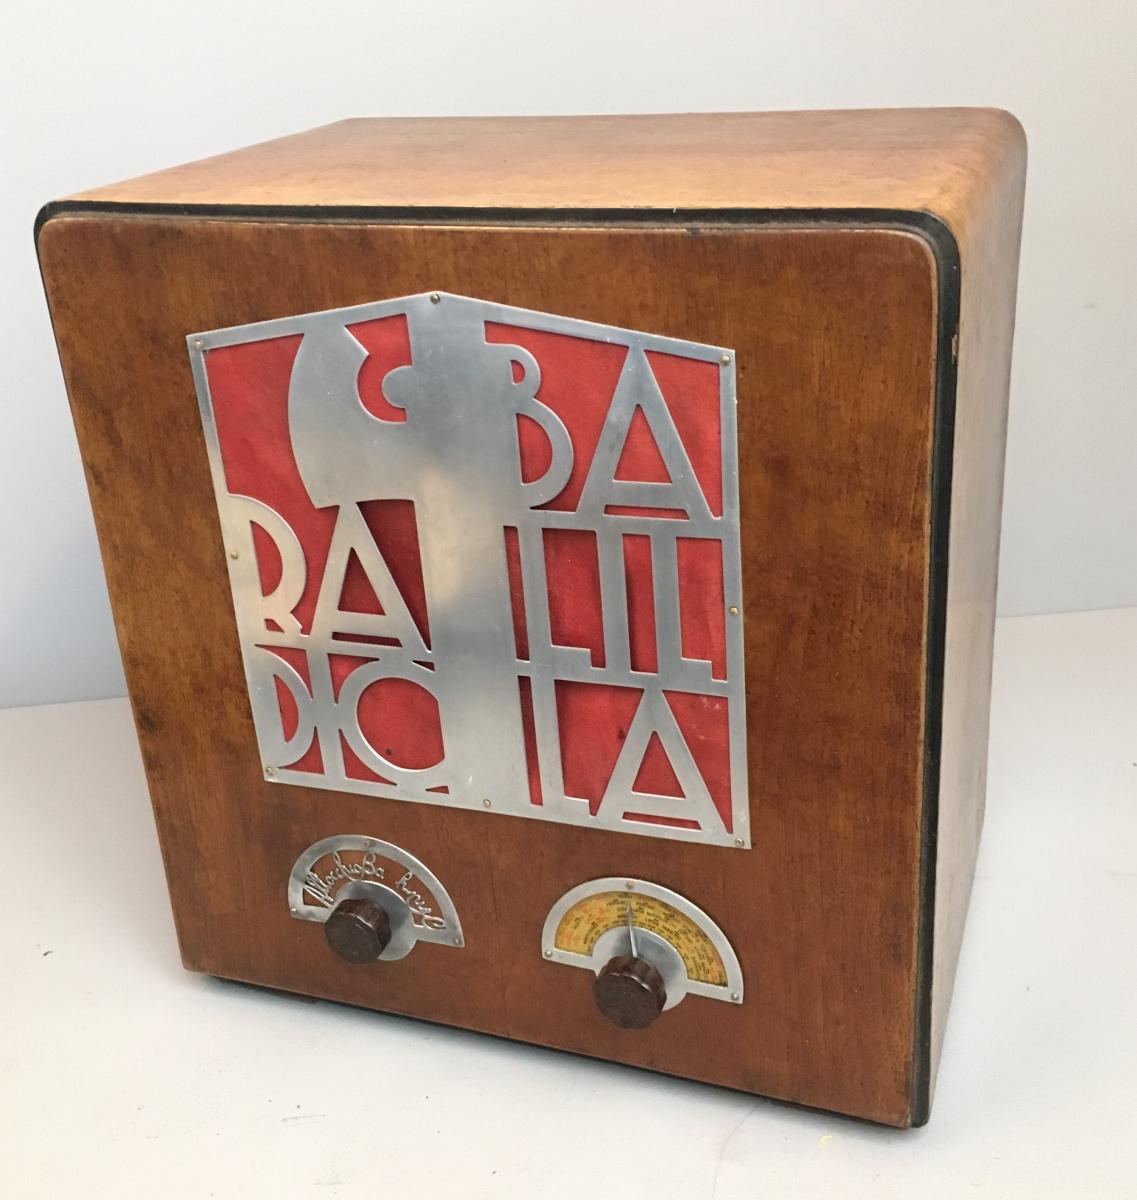 Radio Balilla Allocchio Bacchini ( vuoi comprare una radio balilla? )